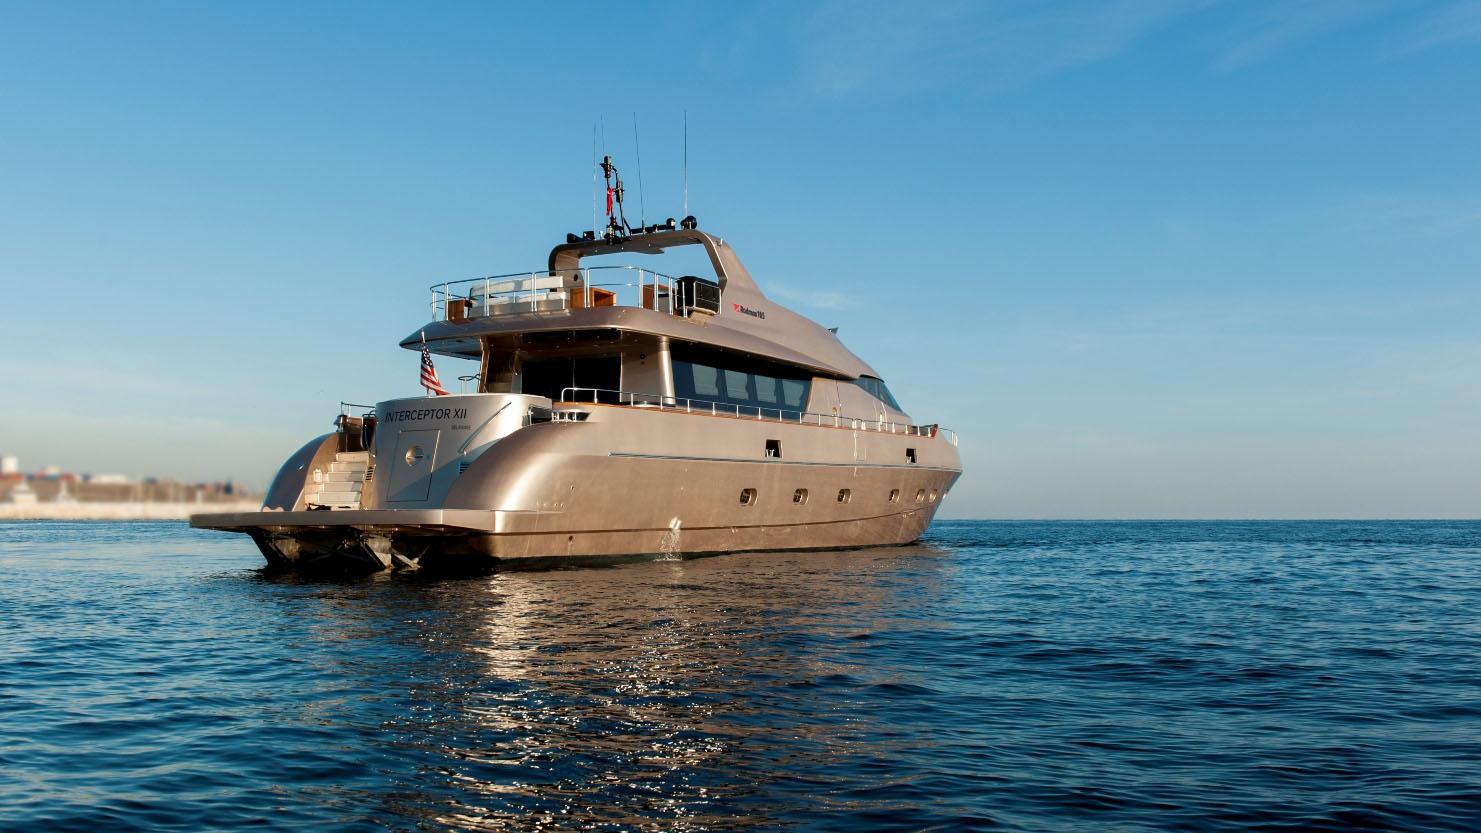 interceptor-xii-yacht-stern